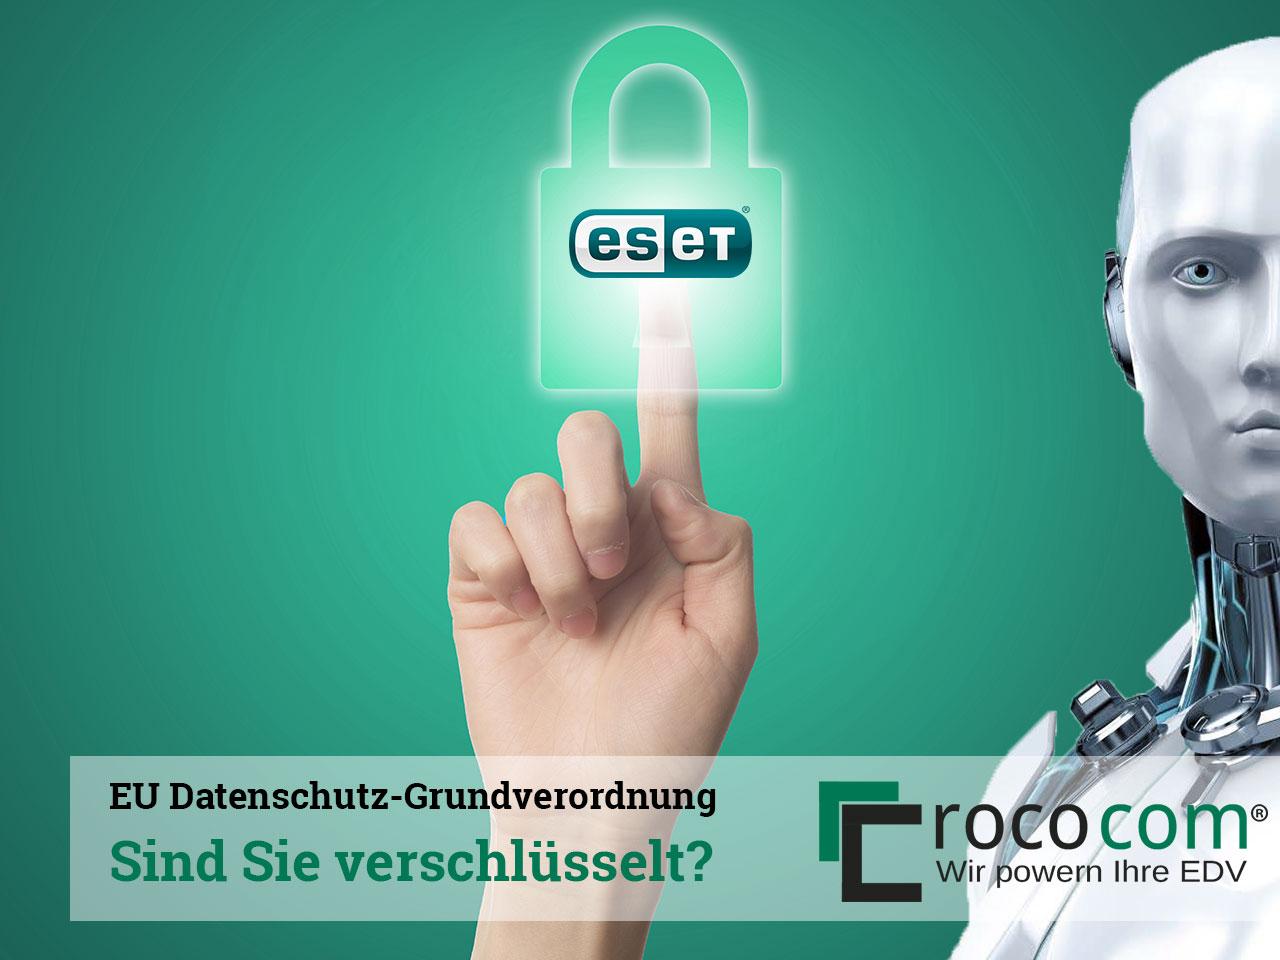 EU Datenschutz-Grundverordnung: Sind Ihre Daten bereits verschlüsselt?